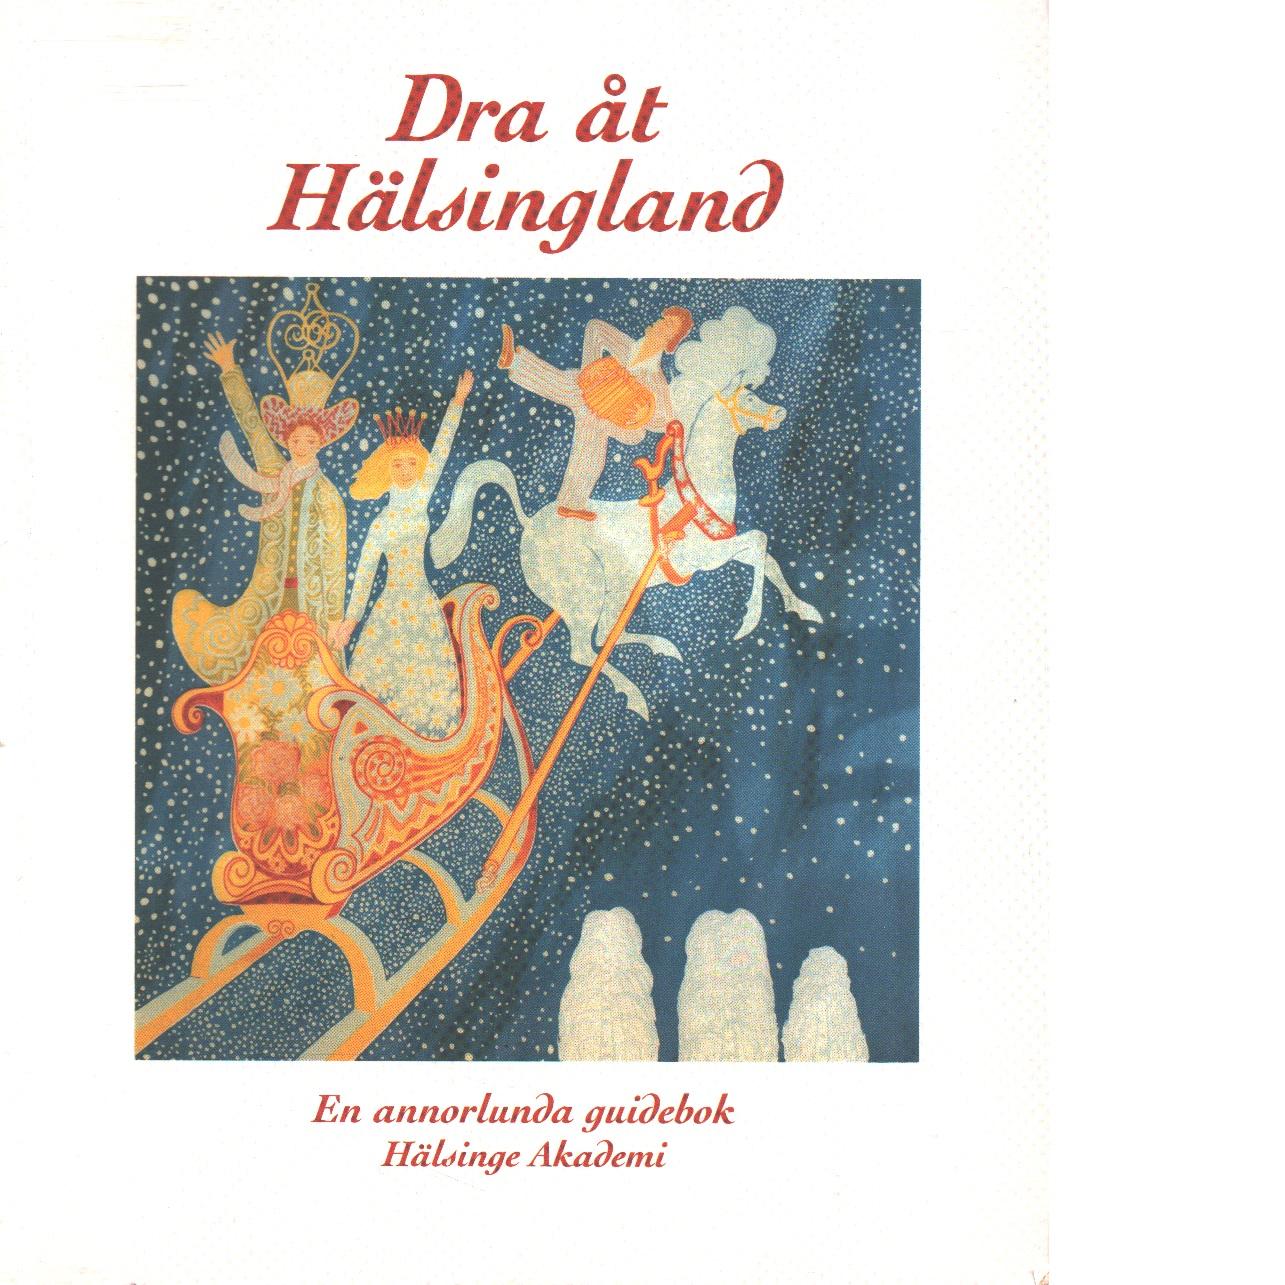 Dra åt Hälsingland : vägen till våra vattenhål, hemliga hus, smultronställen och andra populära platser : annorlunda guidebok - Red. Hälsinge akademi